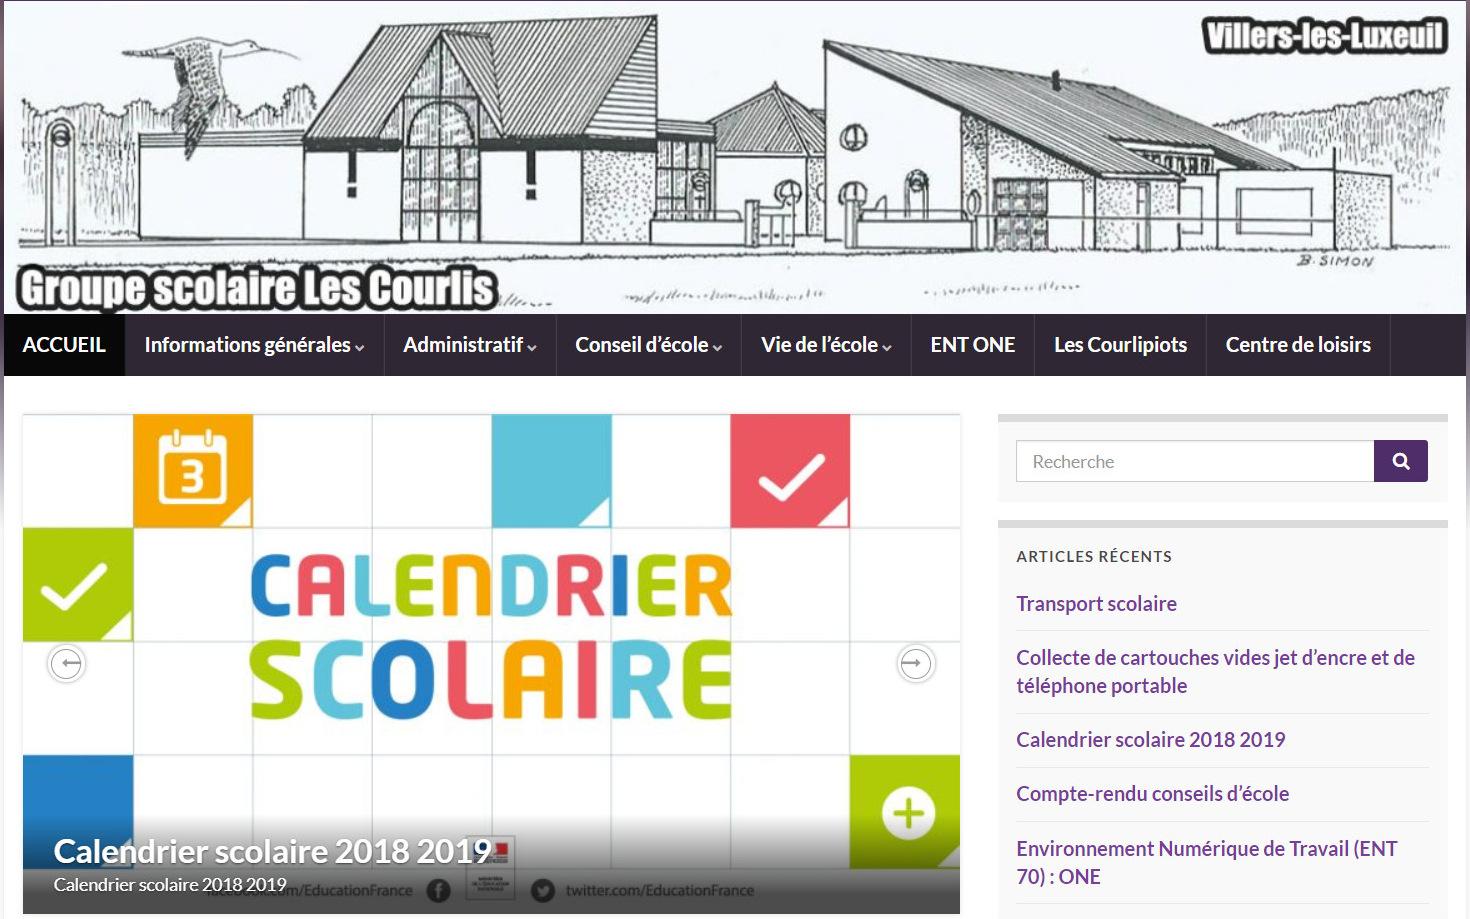 https://www.villers-les-luxeuil.com/projets/villers/files/images/2018_Mairie/Divers_pour_site/Site_Groupe_Scolaire_Les_Courlis.jpg